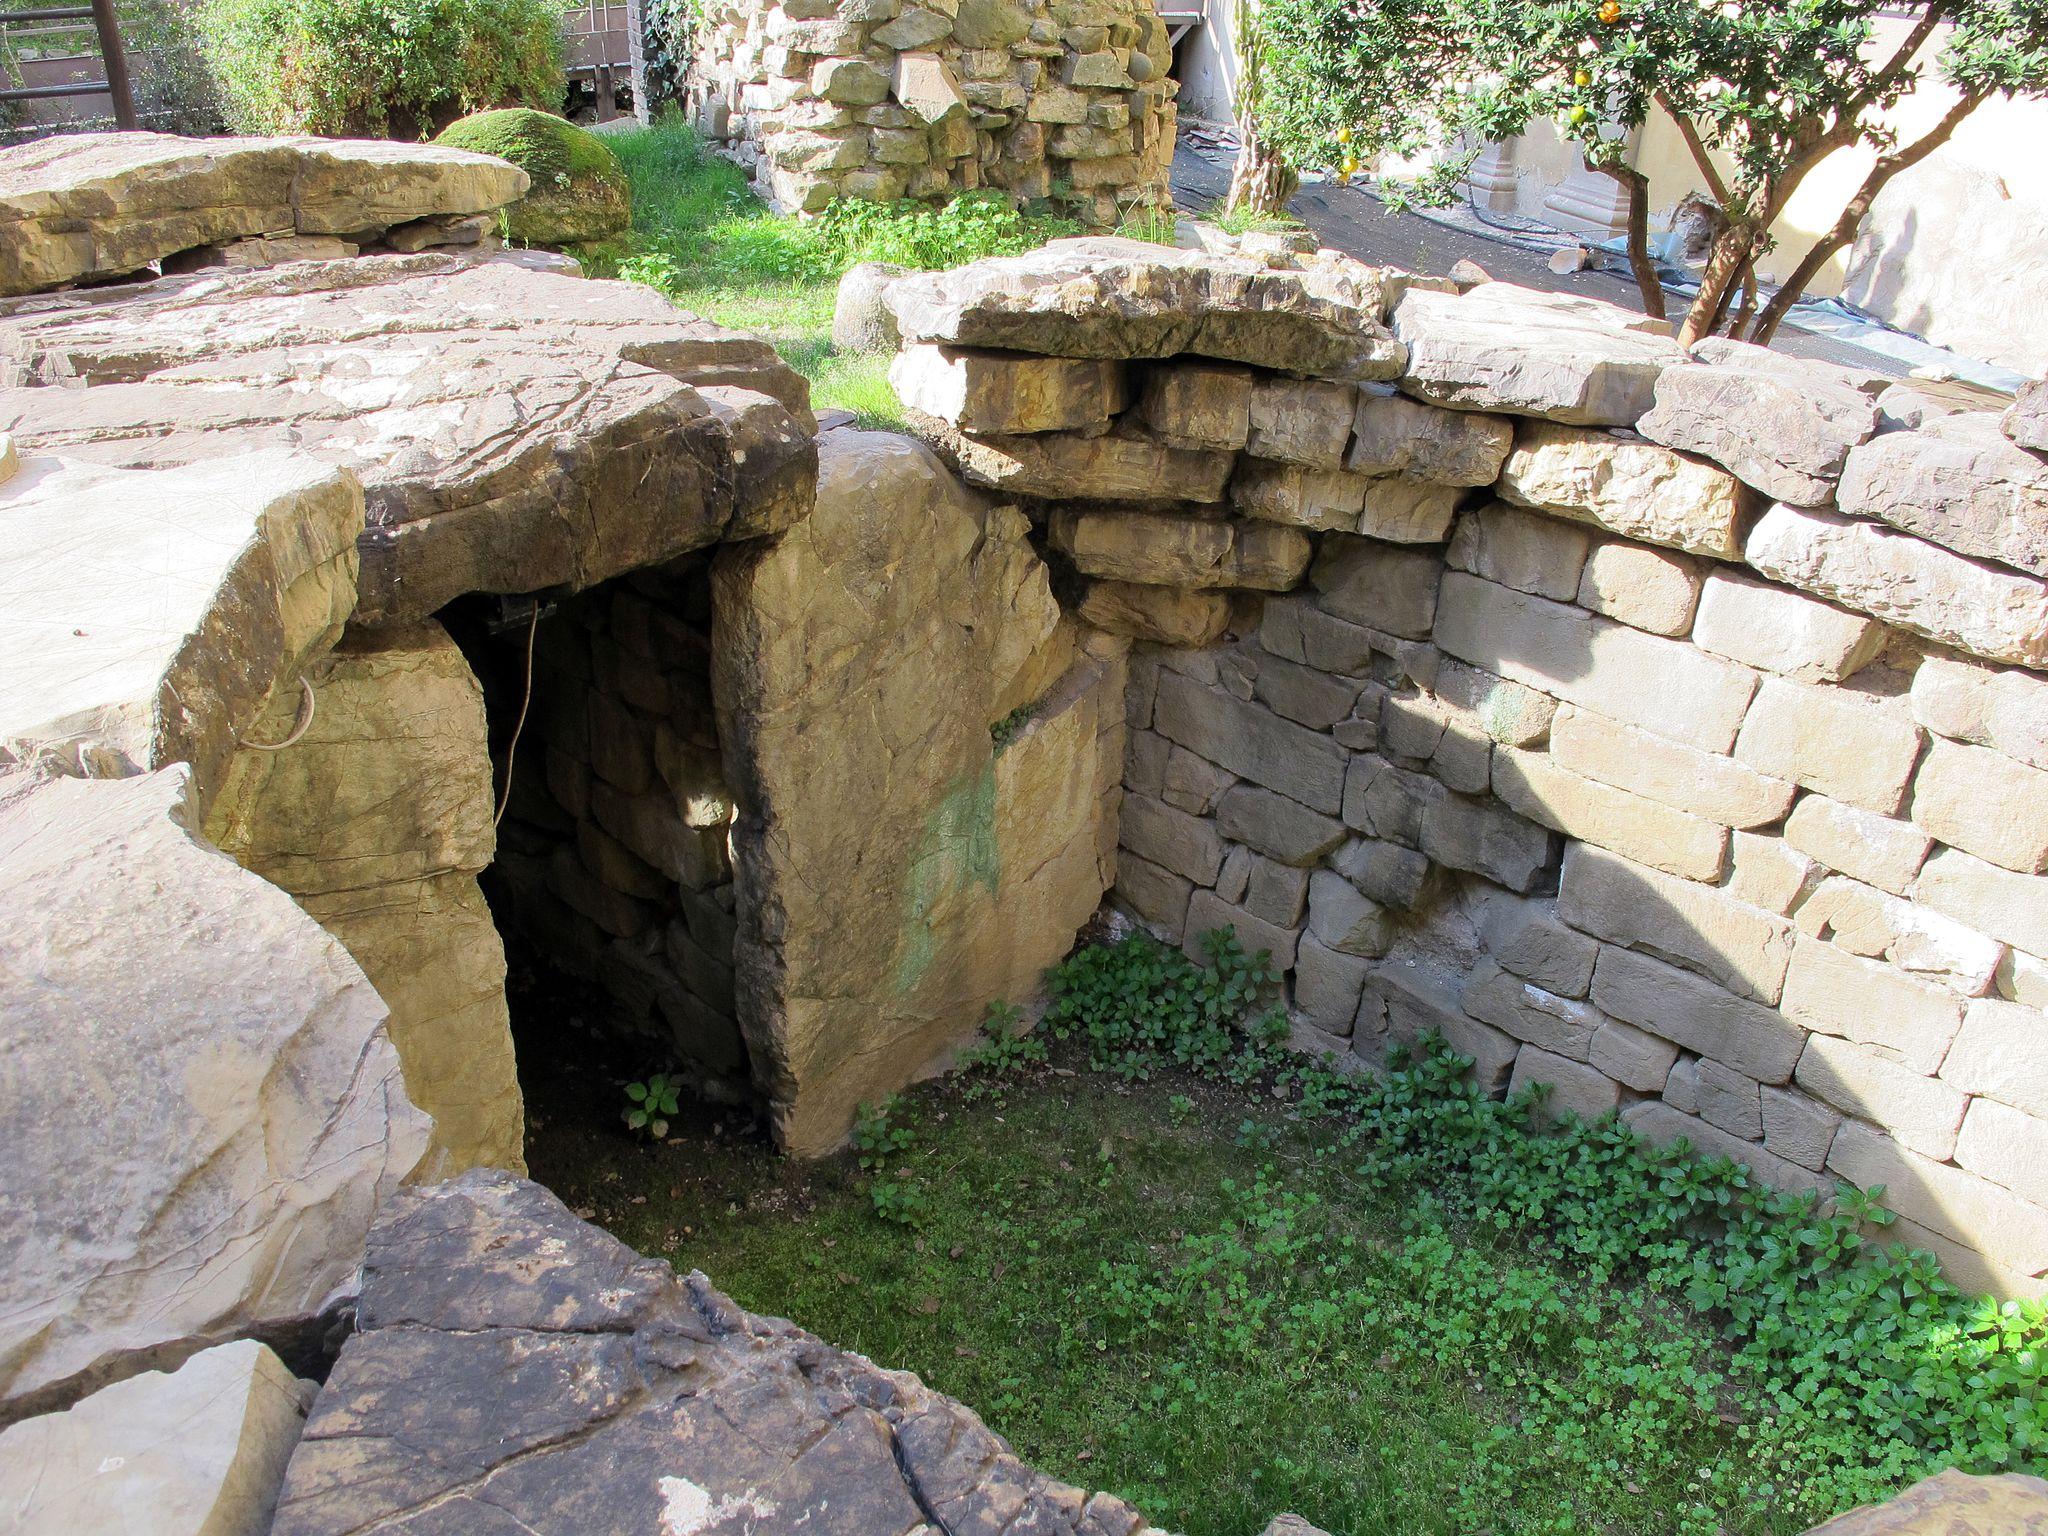 Giardino del museo archeologico, tomba del diavolino, da vetulonia, 03